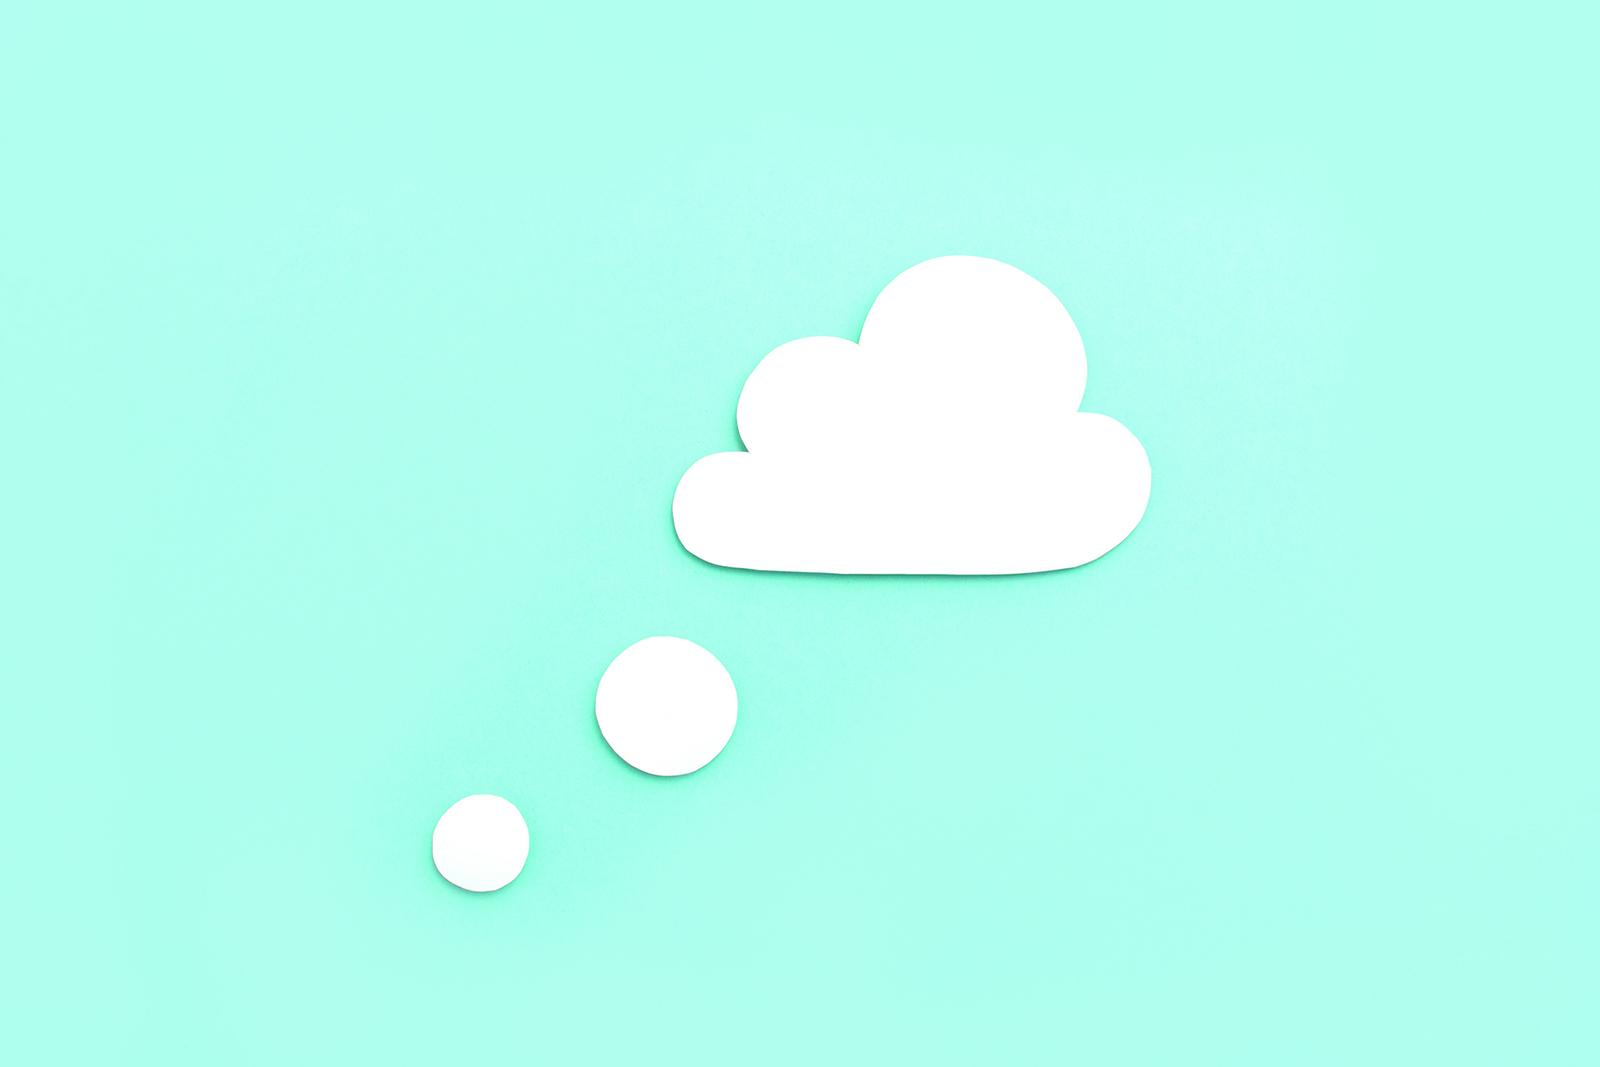 Zu sehen ist eine weiße Papierwolke mit einem grünen Hintergrund.